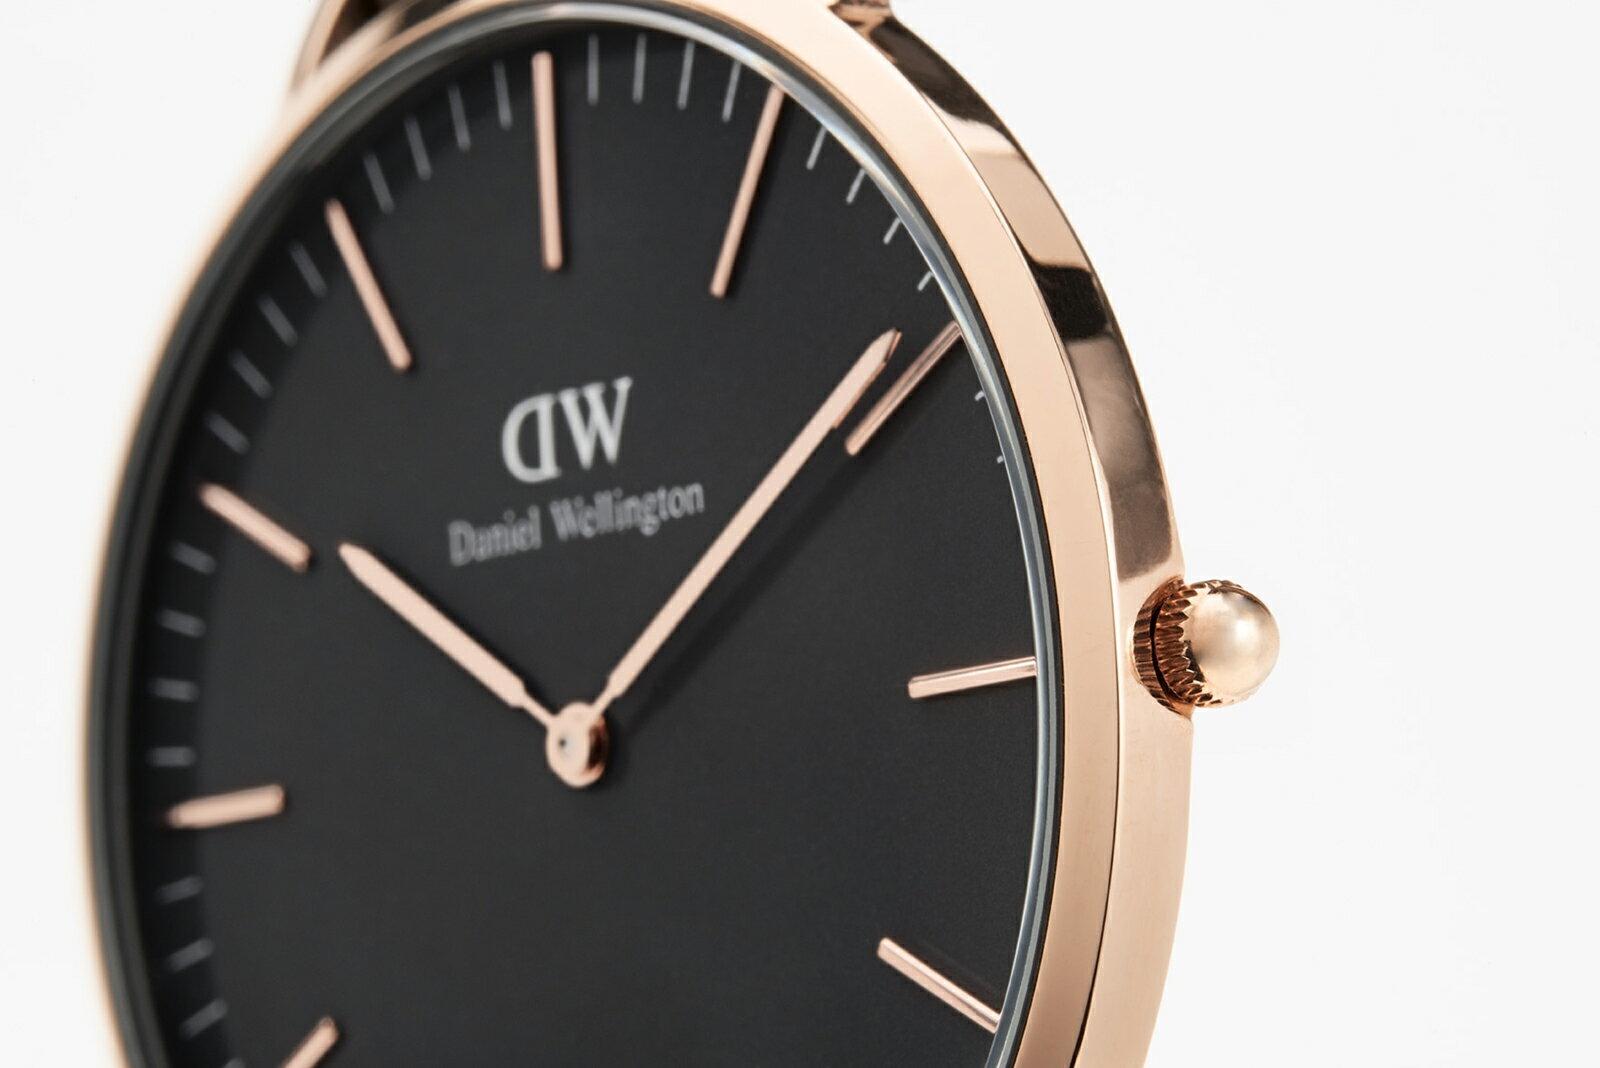 【公式2年保証/】ダニエルウェリントン公式 レディース/メンズ 腕時計 Classic Black St Mawes 36mm 革 ベルト クラシック ブラック セント モース DW プレゼント おしゃれ インスタ映え ブランド 彼女 彼氏